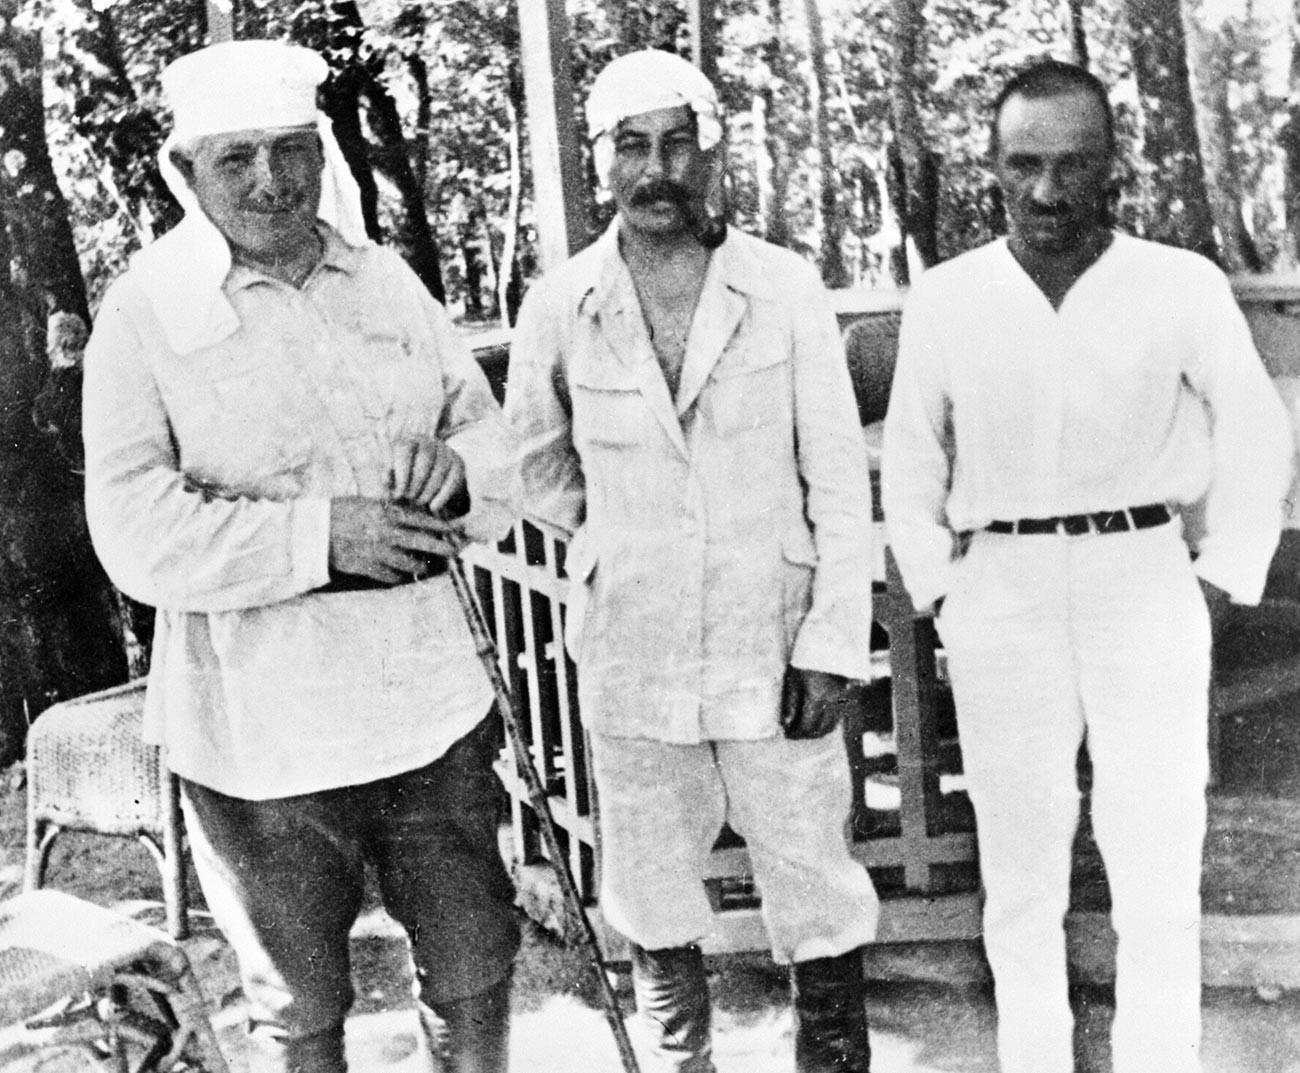 Јосиф Стаљин (у средини) и Анастас Микојан (десно) за време одмора.